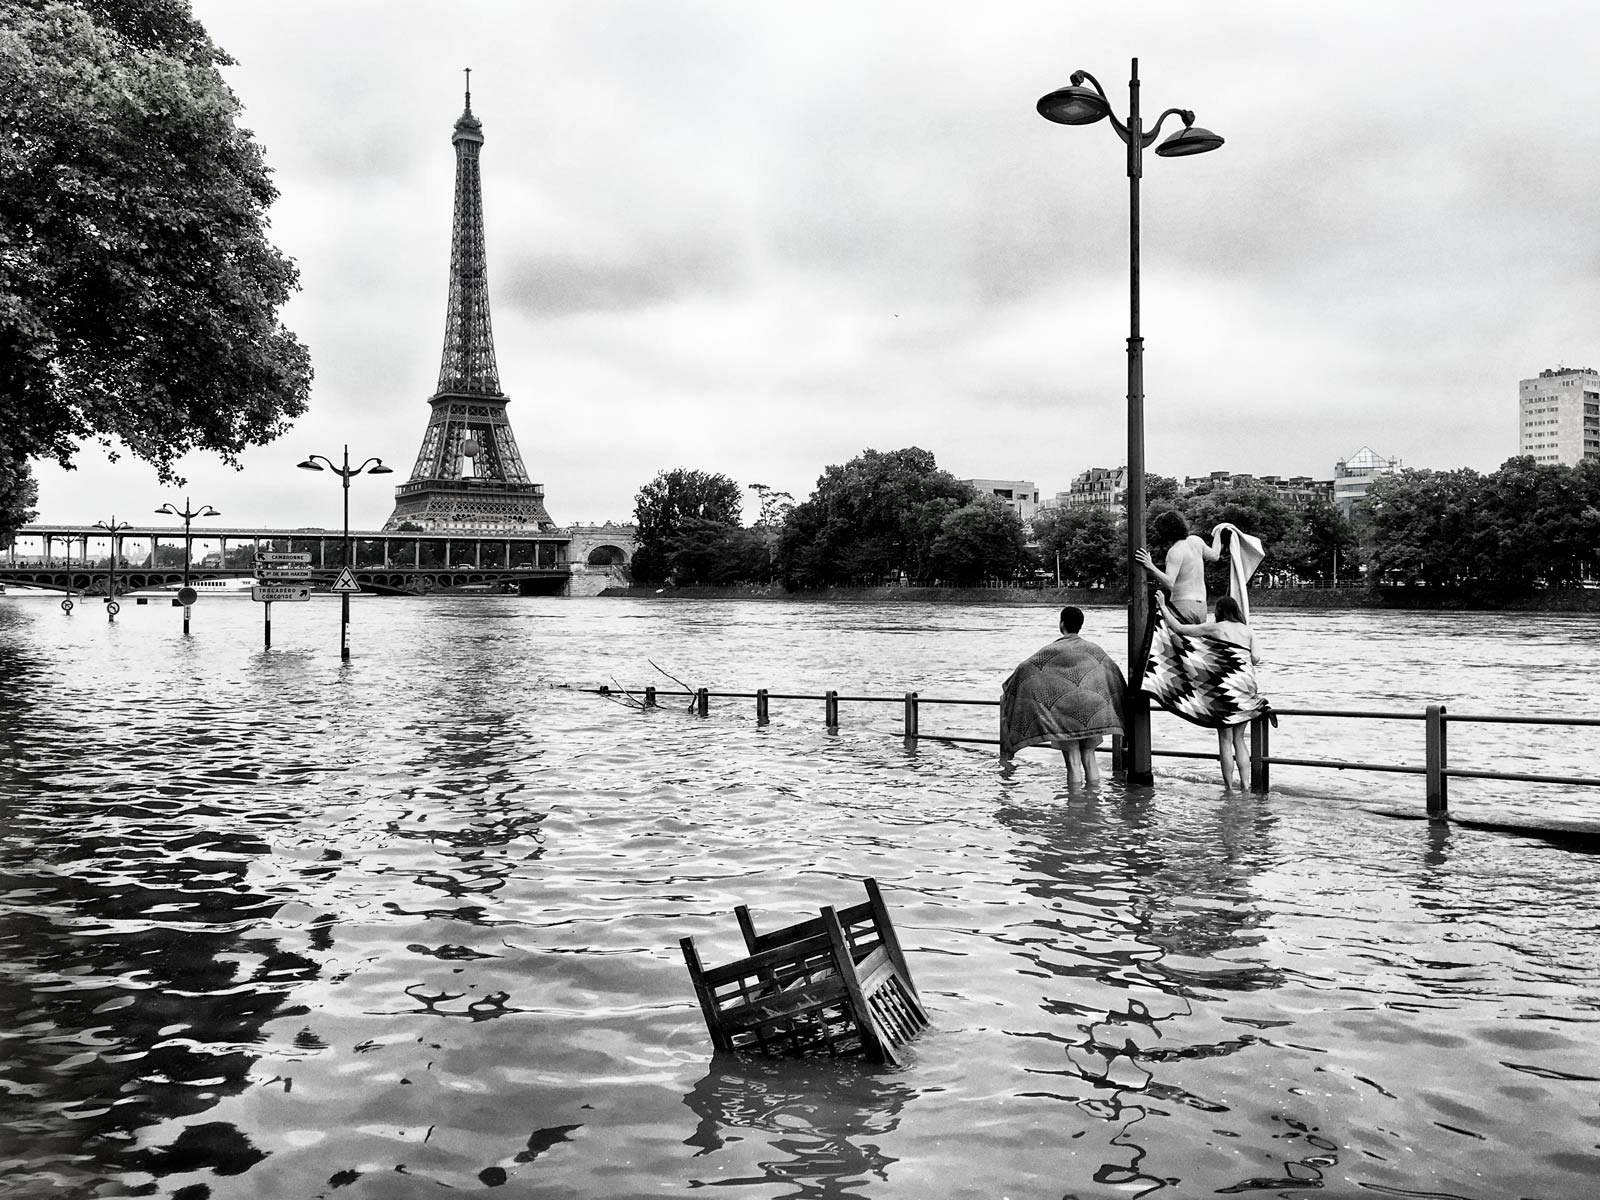 eiffel_tower, seine_river, paris - laurent_delhourme | ello